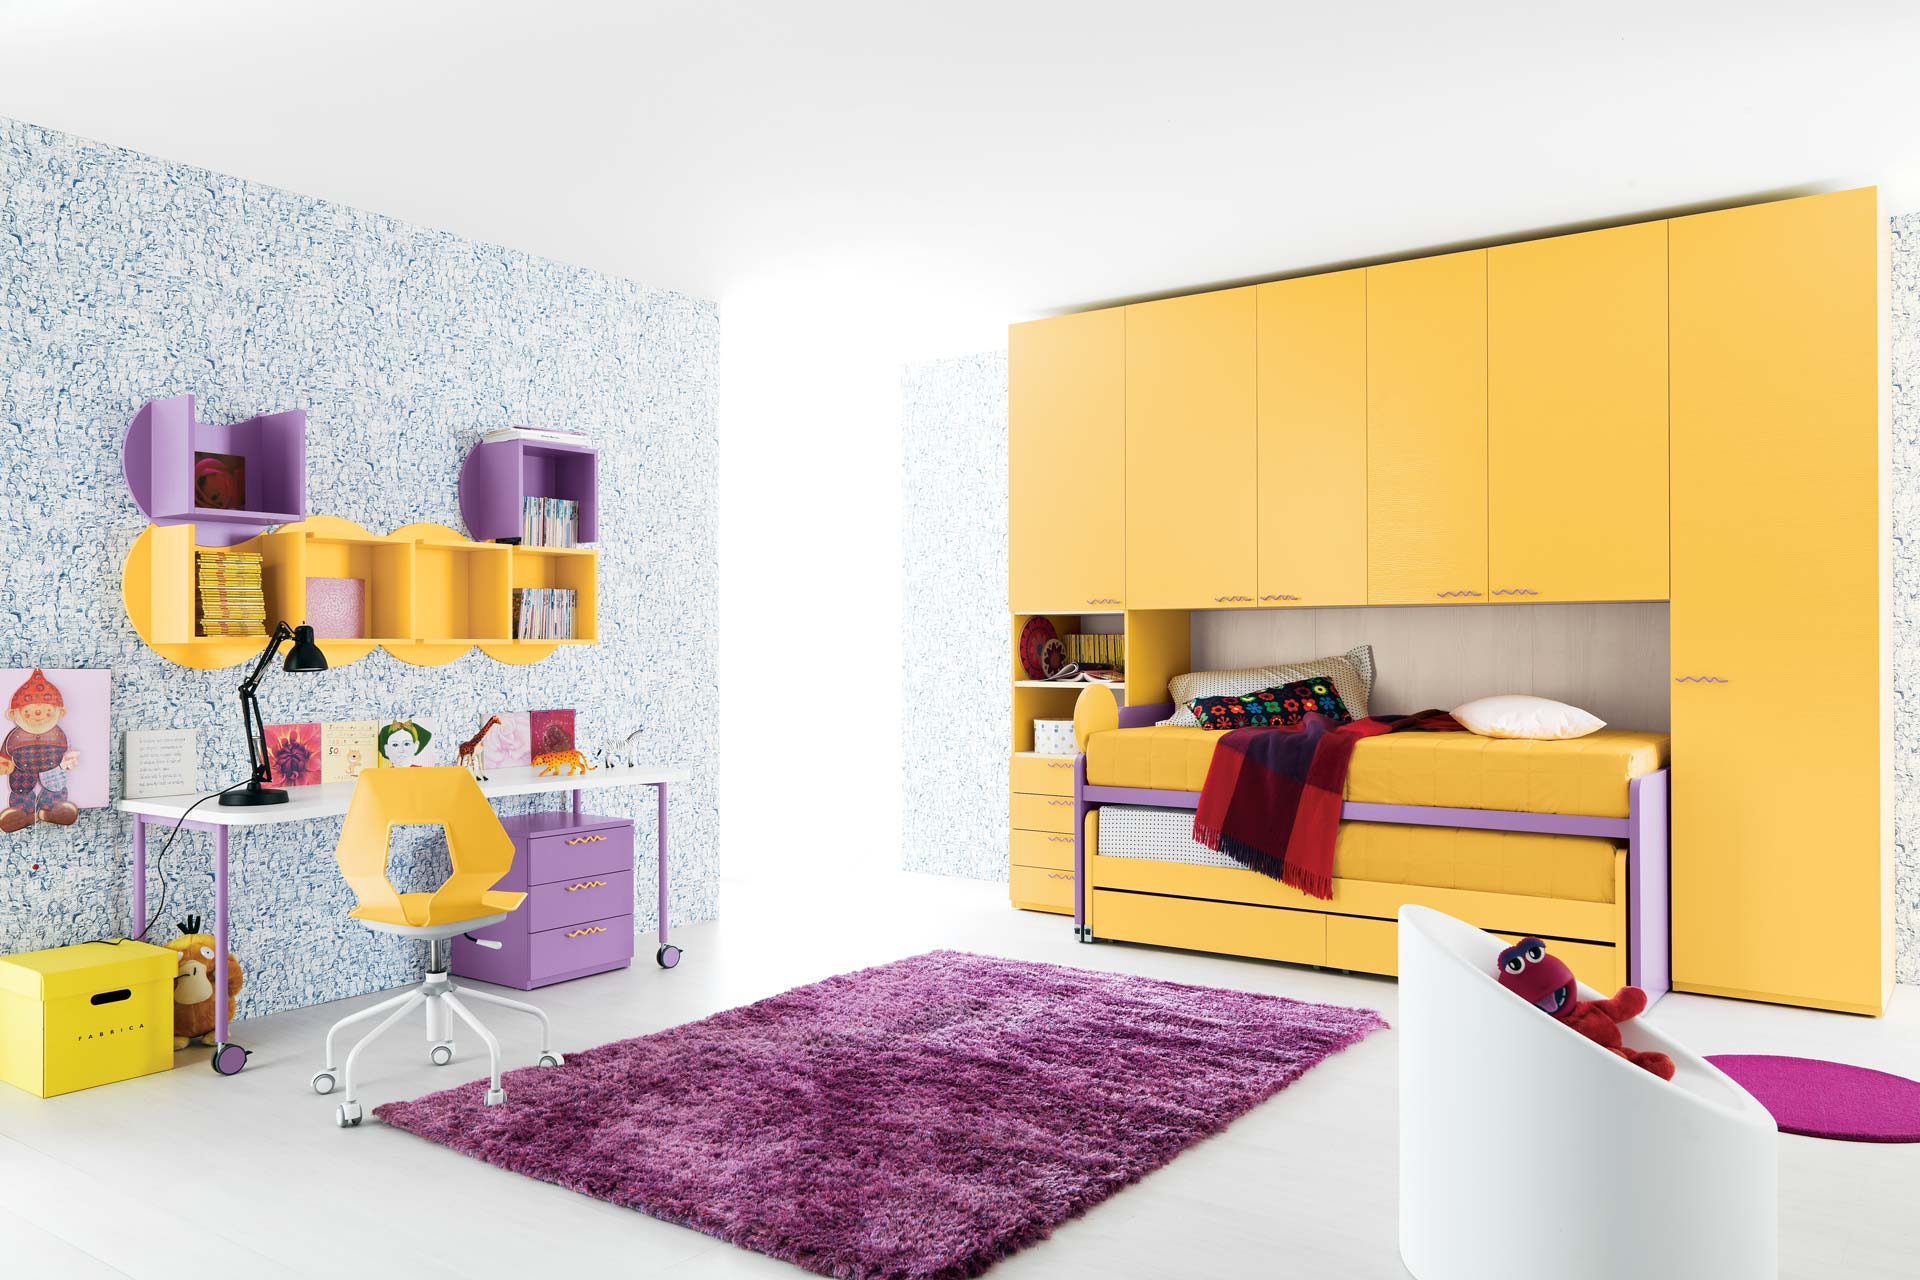 Camerette per bambini consigli prezzi e marche ikea - Camerette design bambini ...